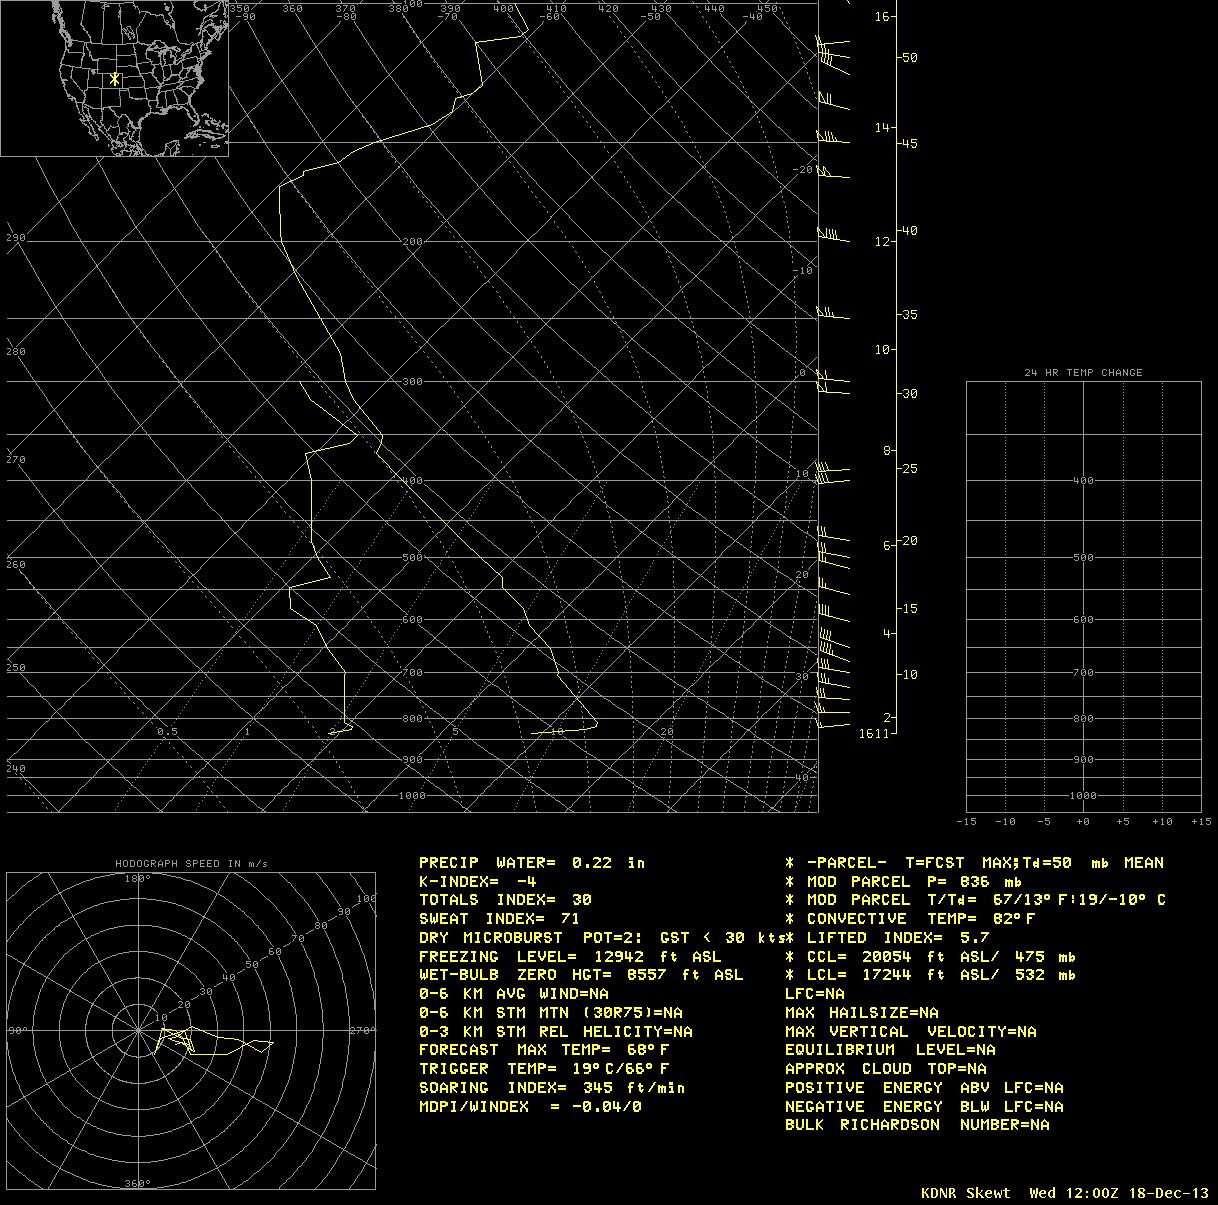 Denver, Colorado rawinsonde data